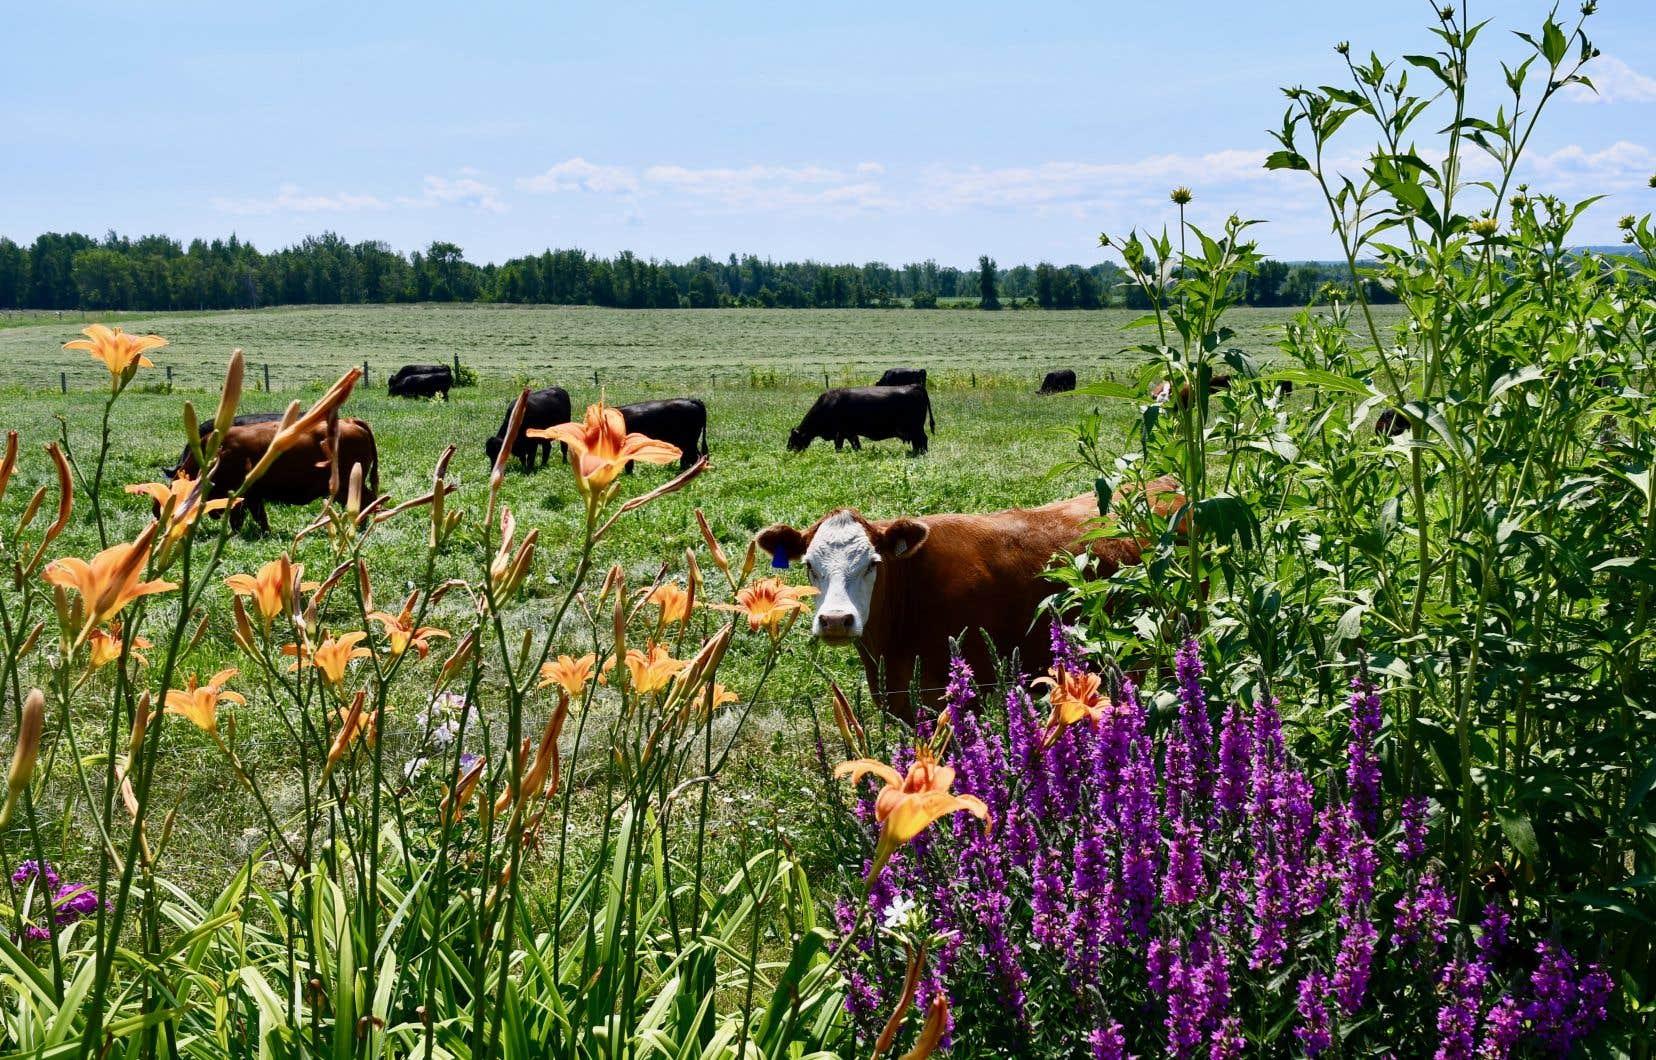 Les omnivores seront rassurés en observant ici les veaux, les vaches et les bœufs évoluer en toute quiétude dans un décor exceptionnel, avec un accès à l'extérieur en tout temps.